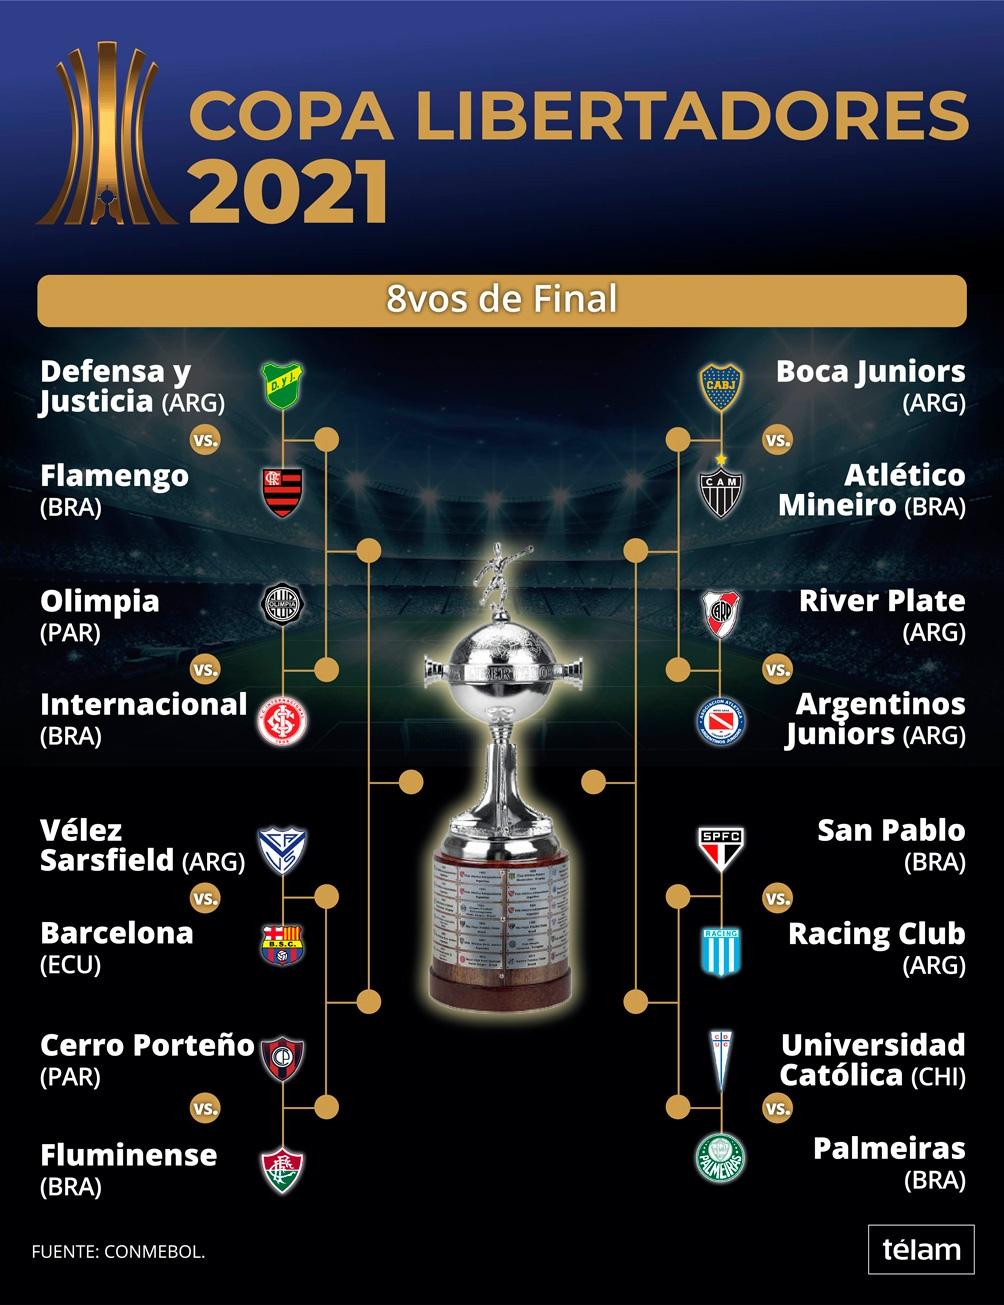 Los equipos podrán realizar cinco cambios en la lista de buena fe presentada antes del inicio de la competencia.